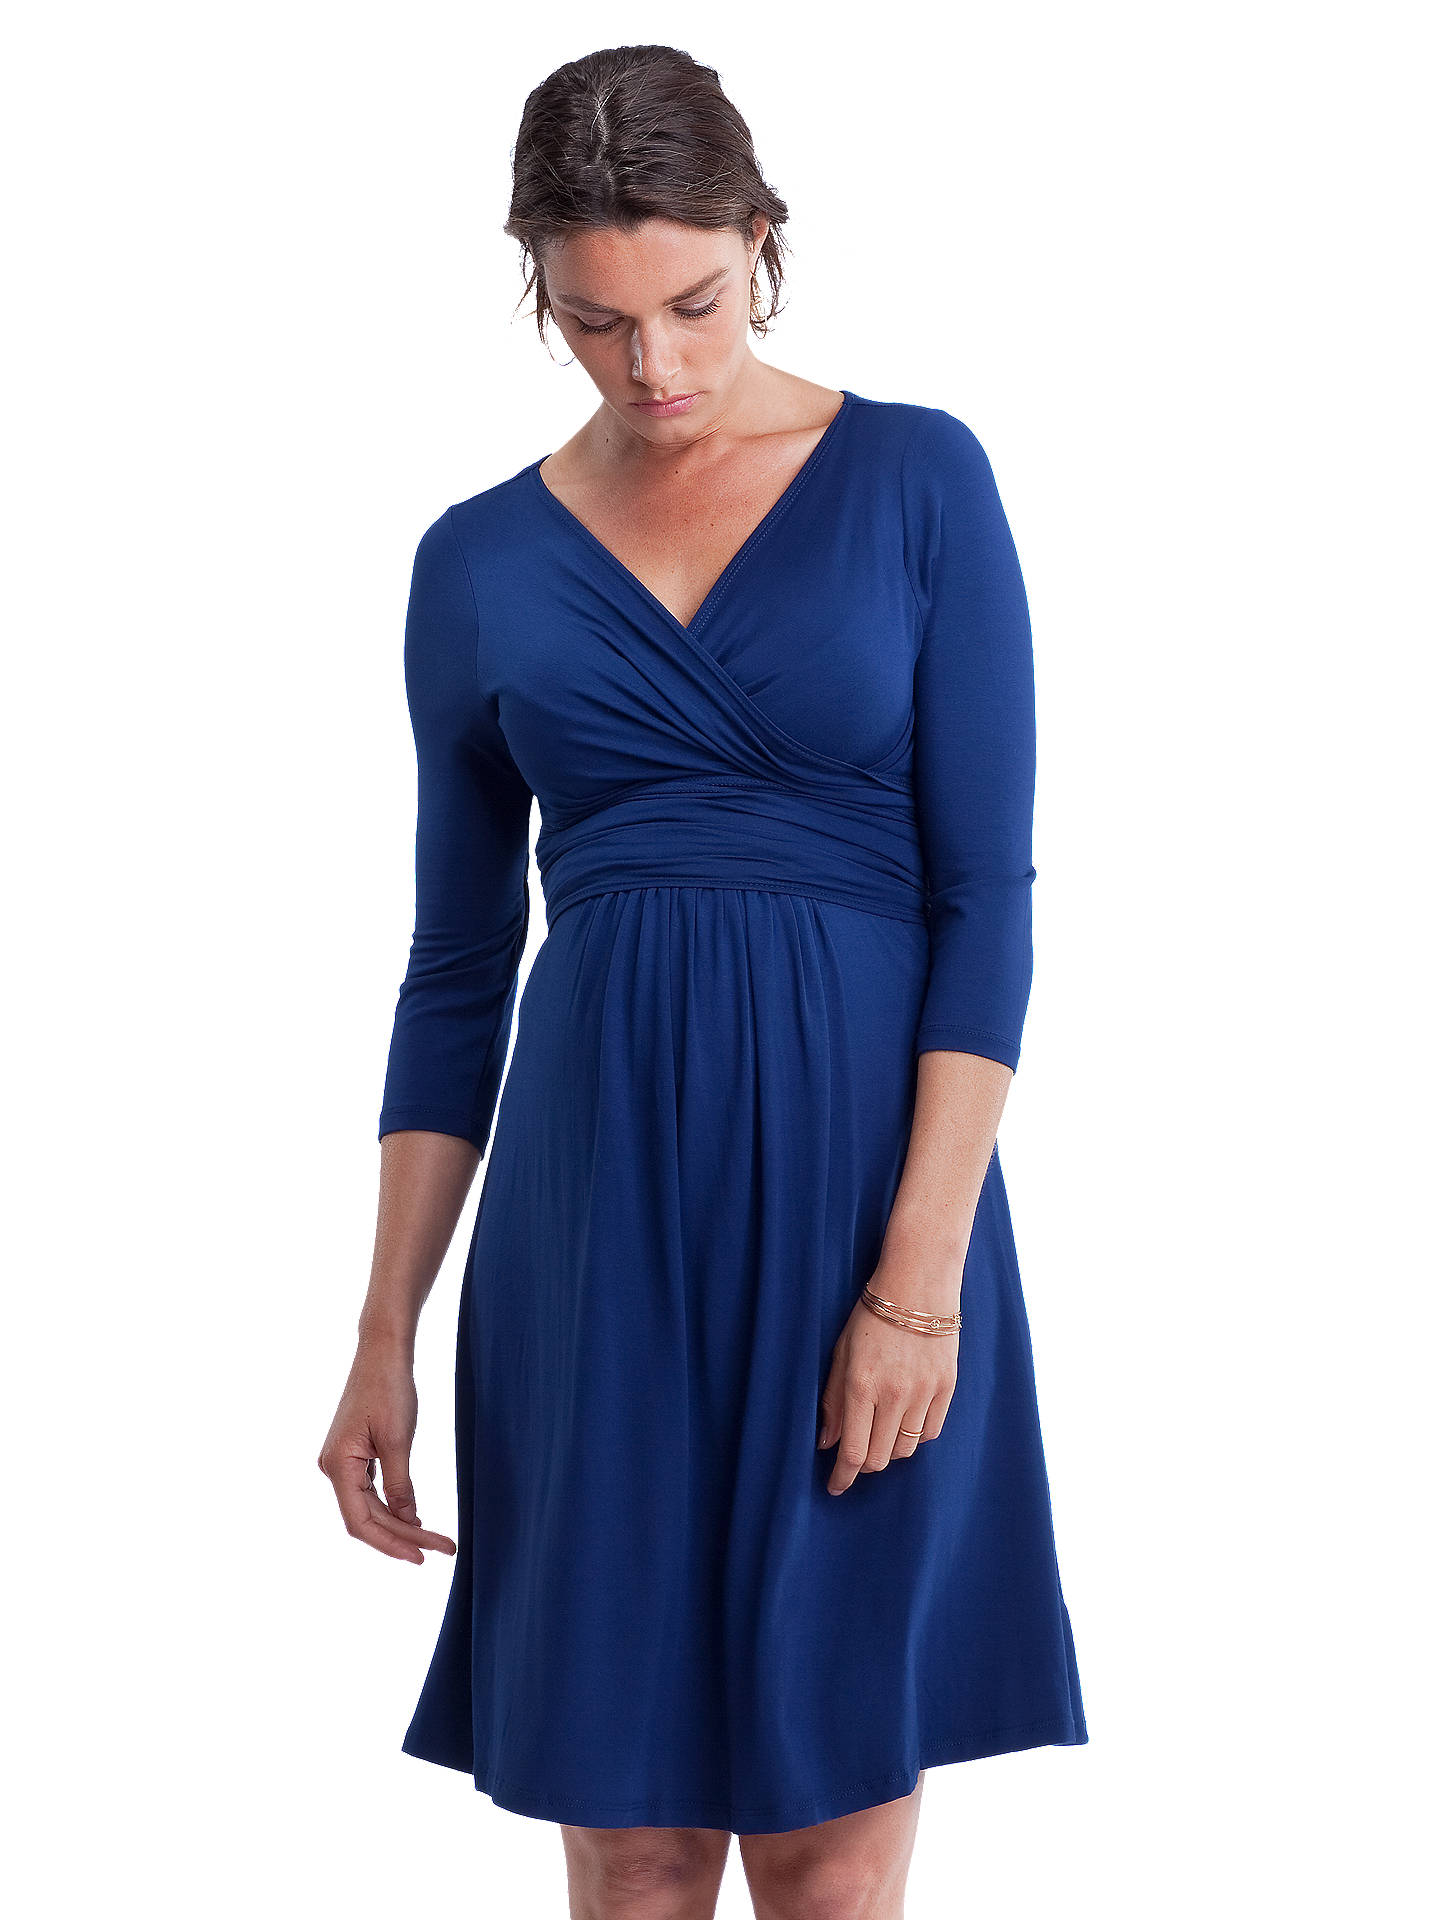 af8c3c7e950 ... Buy Isabella Oliver Emily Ruched Wrap Front Maternity Dress